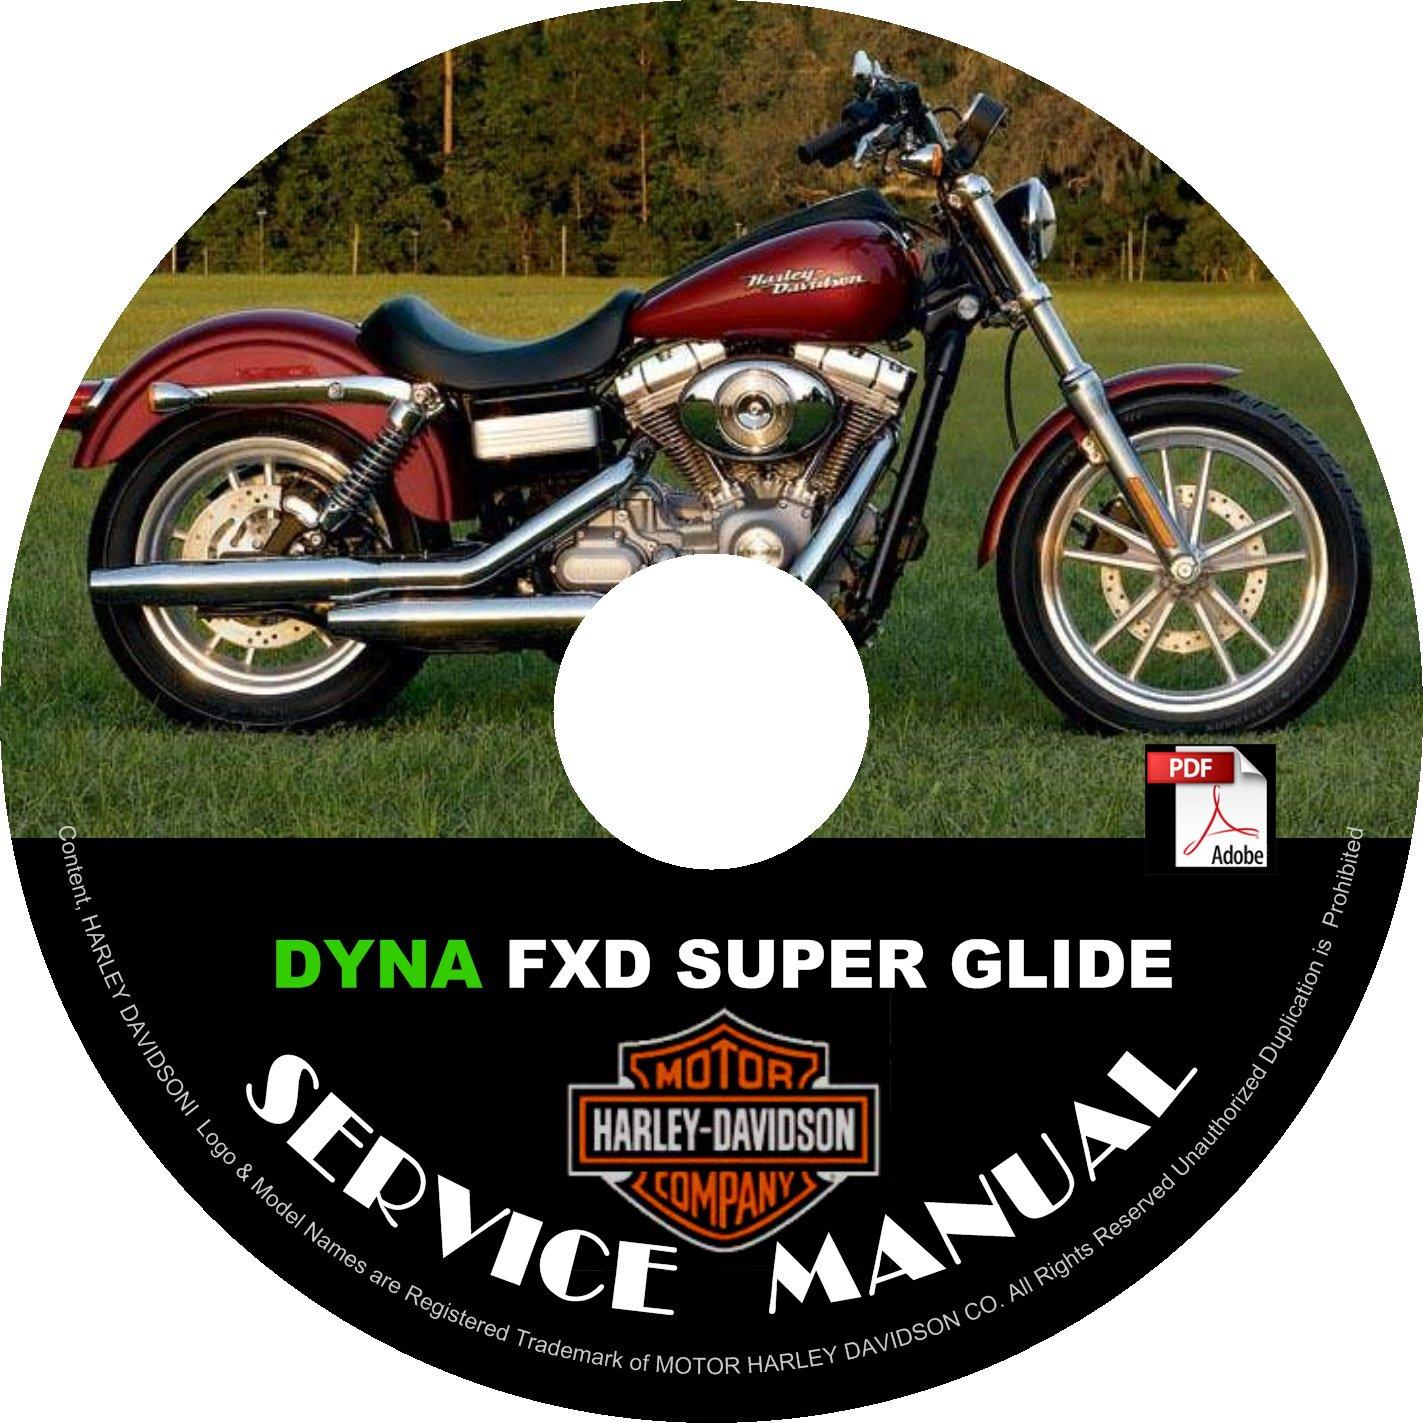 2002 Harley Davidson Dyna FXD Super Glide Service Repair Shop Manual on CD Fix Rebuild '02 Workshop